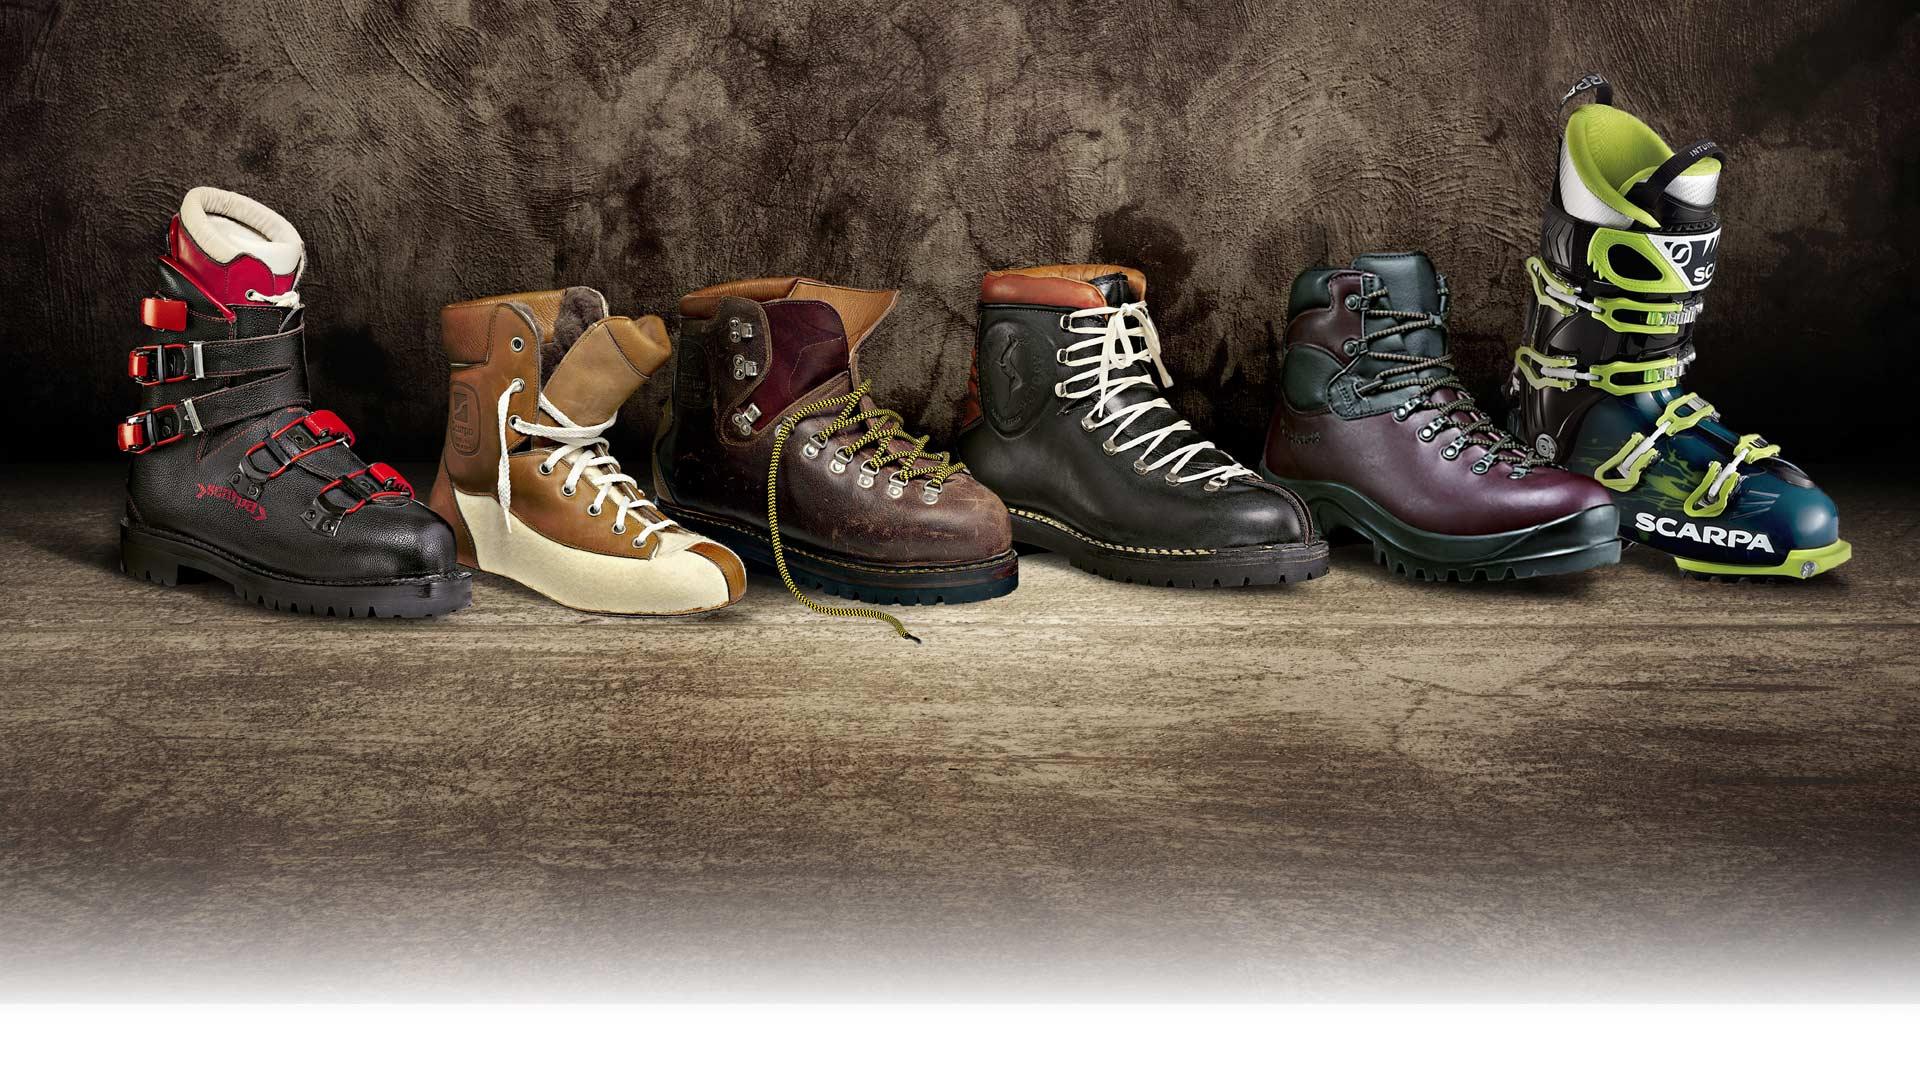 SCARPA povijest - planinarska obuća